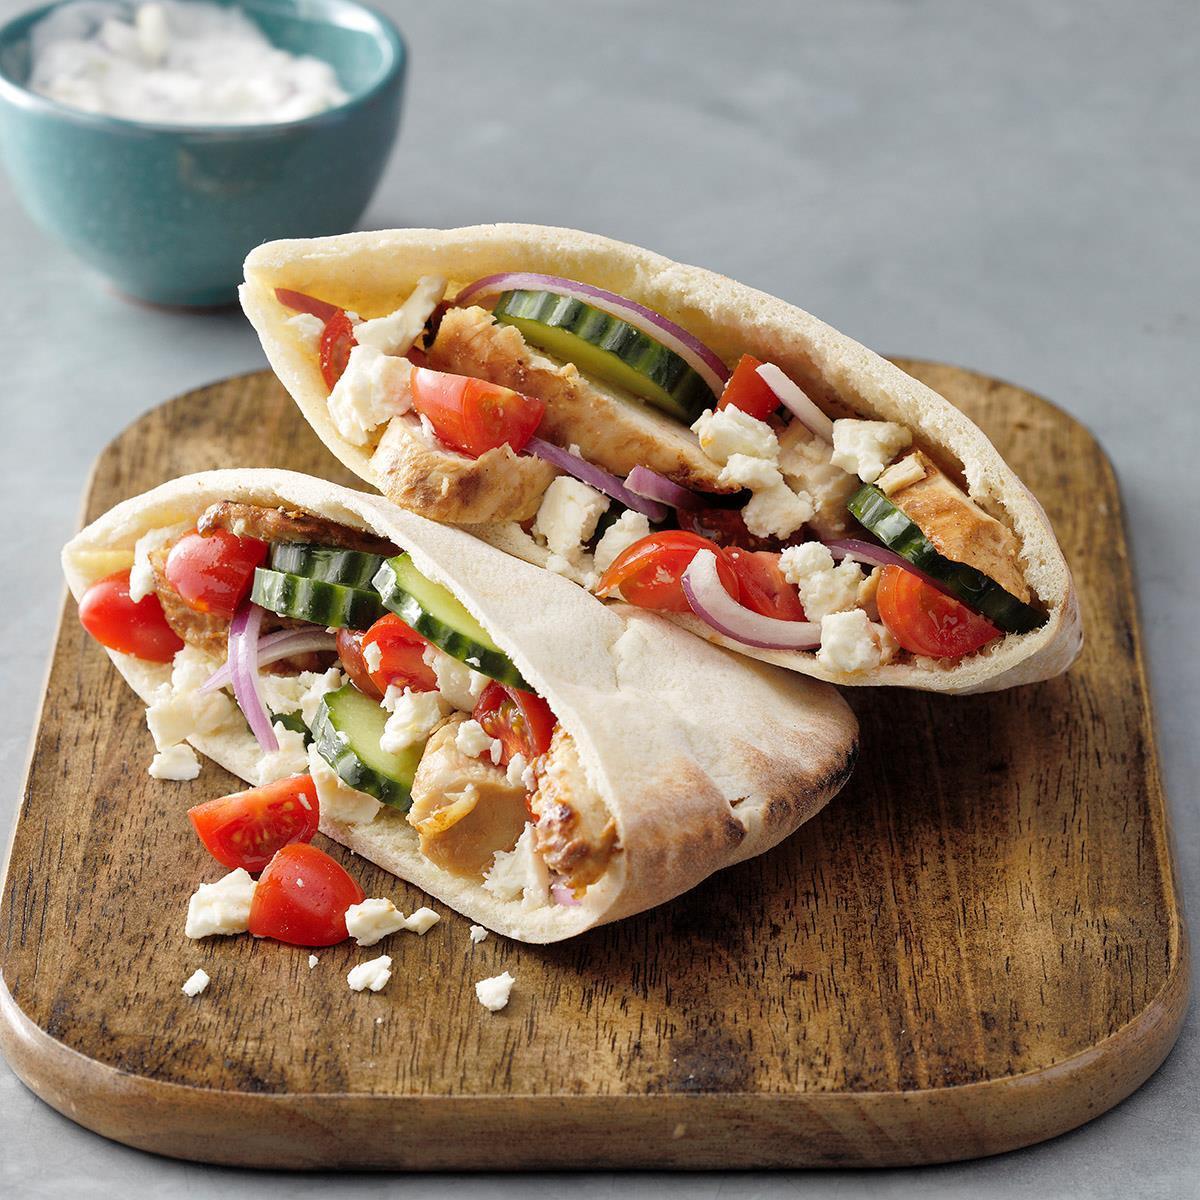 ۲ طرز تهیه ساندویچ چیکن رپ یونانی خوشمزه و لذیذ + طرز تهیه سس رپ